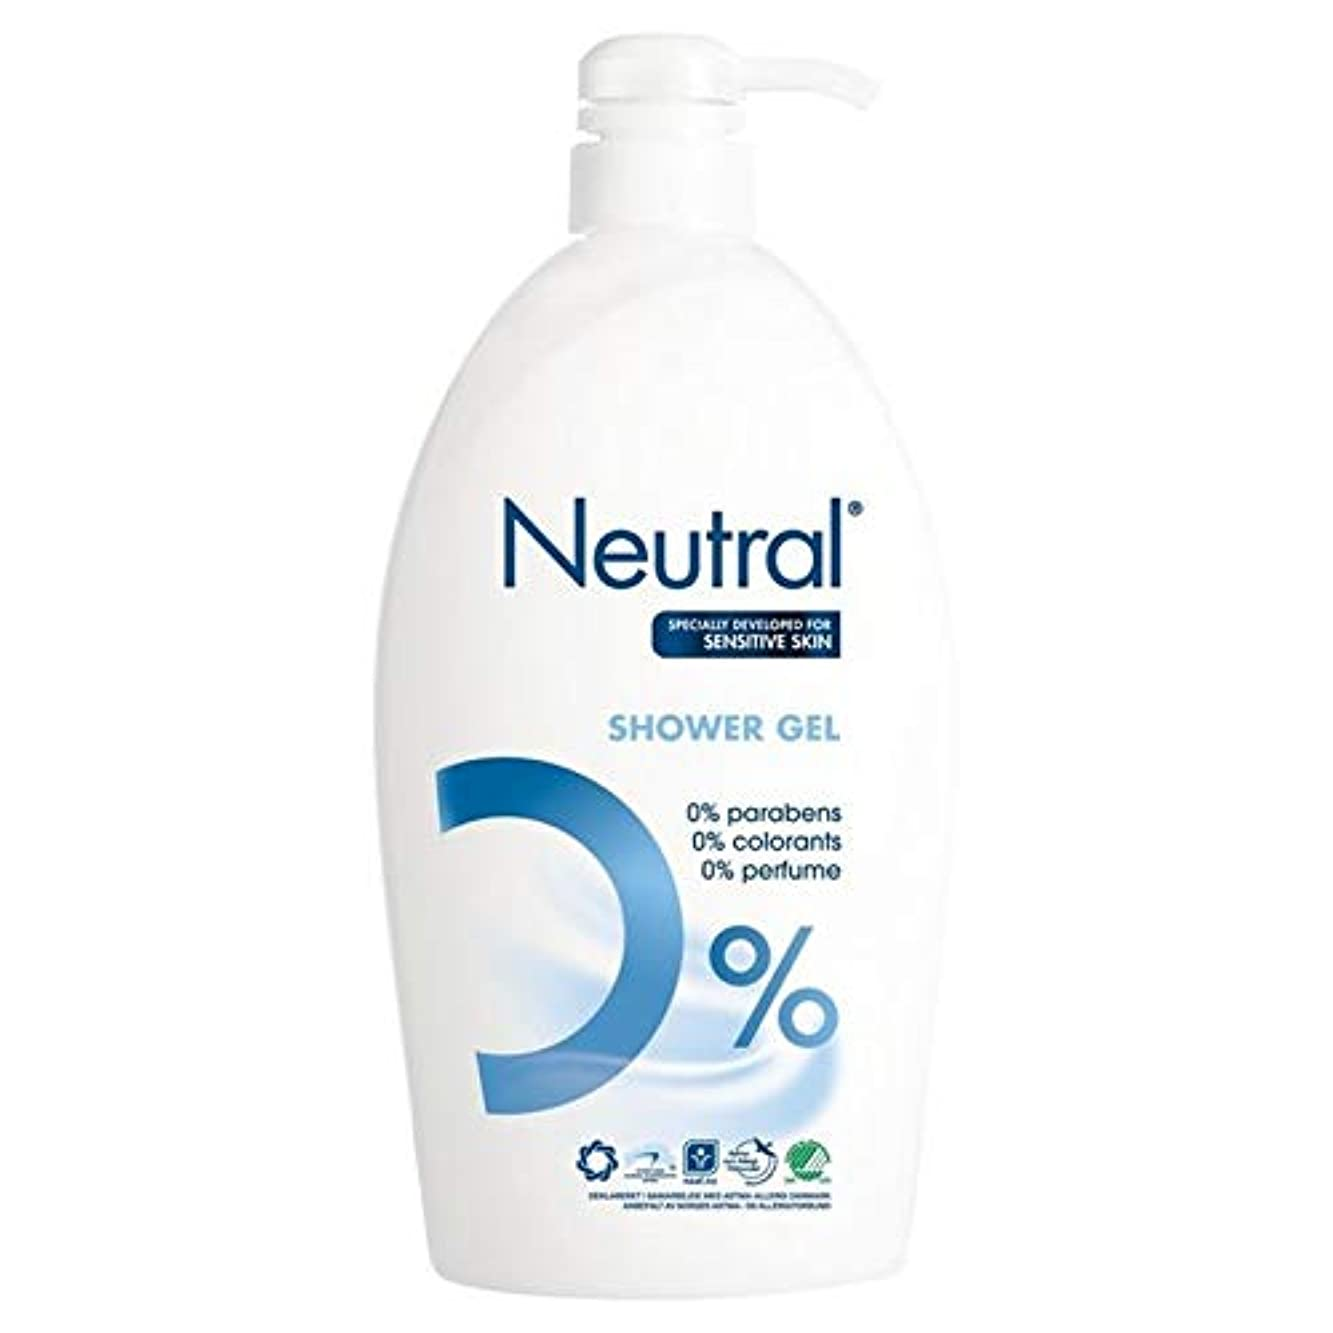 水素極めて理容室[Neutral ] ニュートラル0%シャワーゲル1リットル - Neutral 0% Shower Gel 1L [並行輸入品]